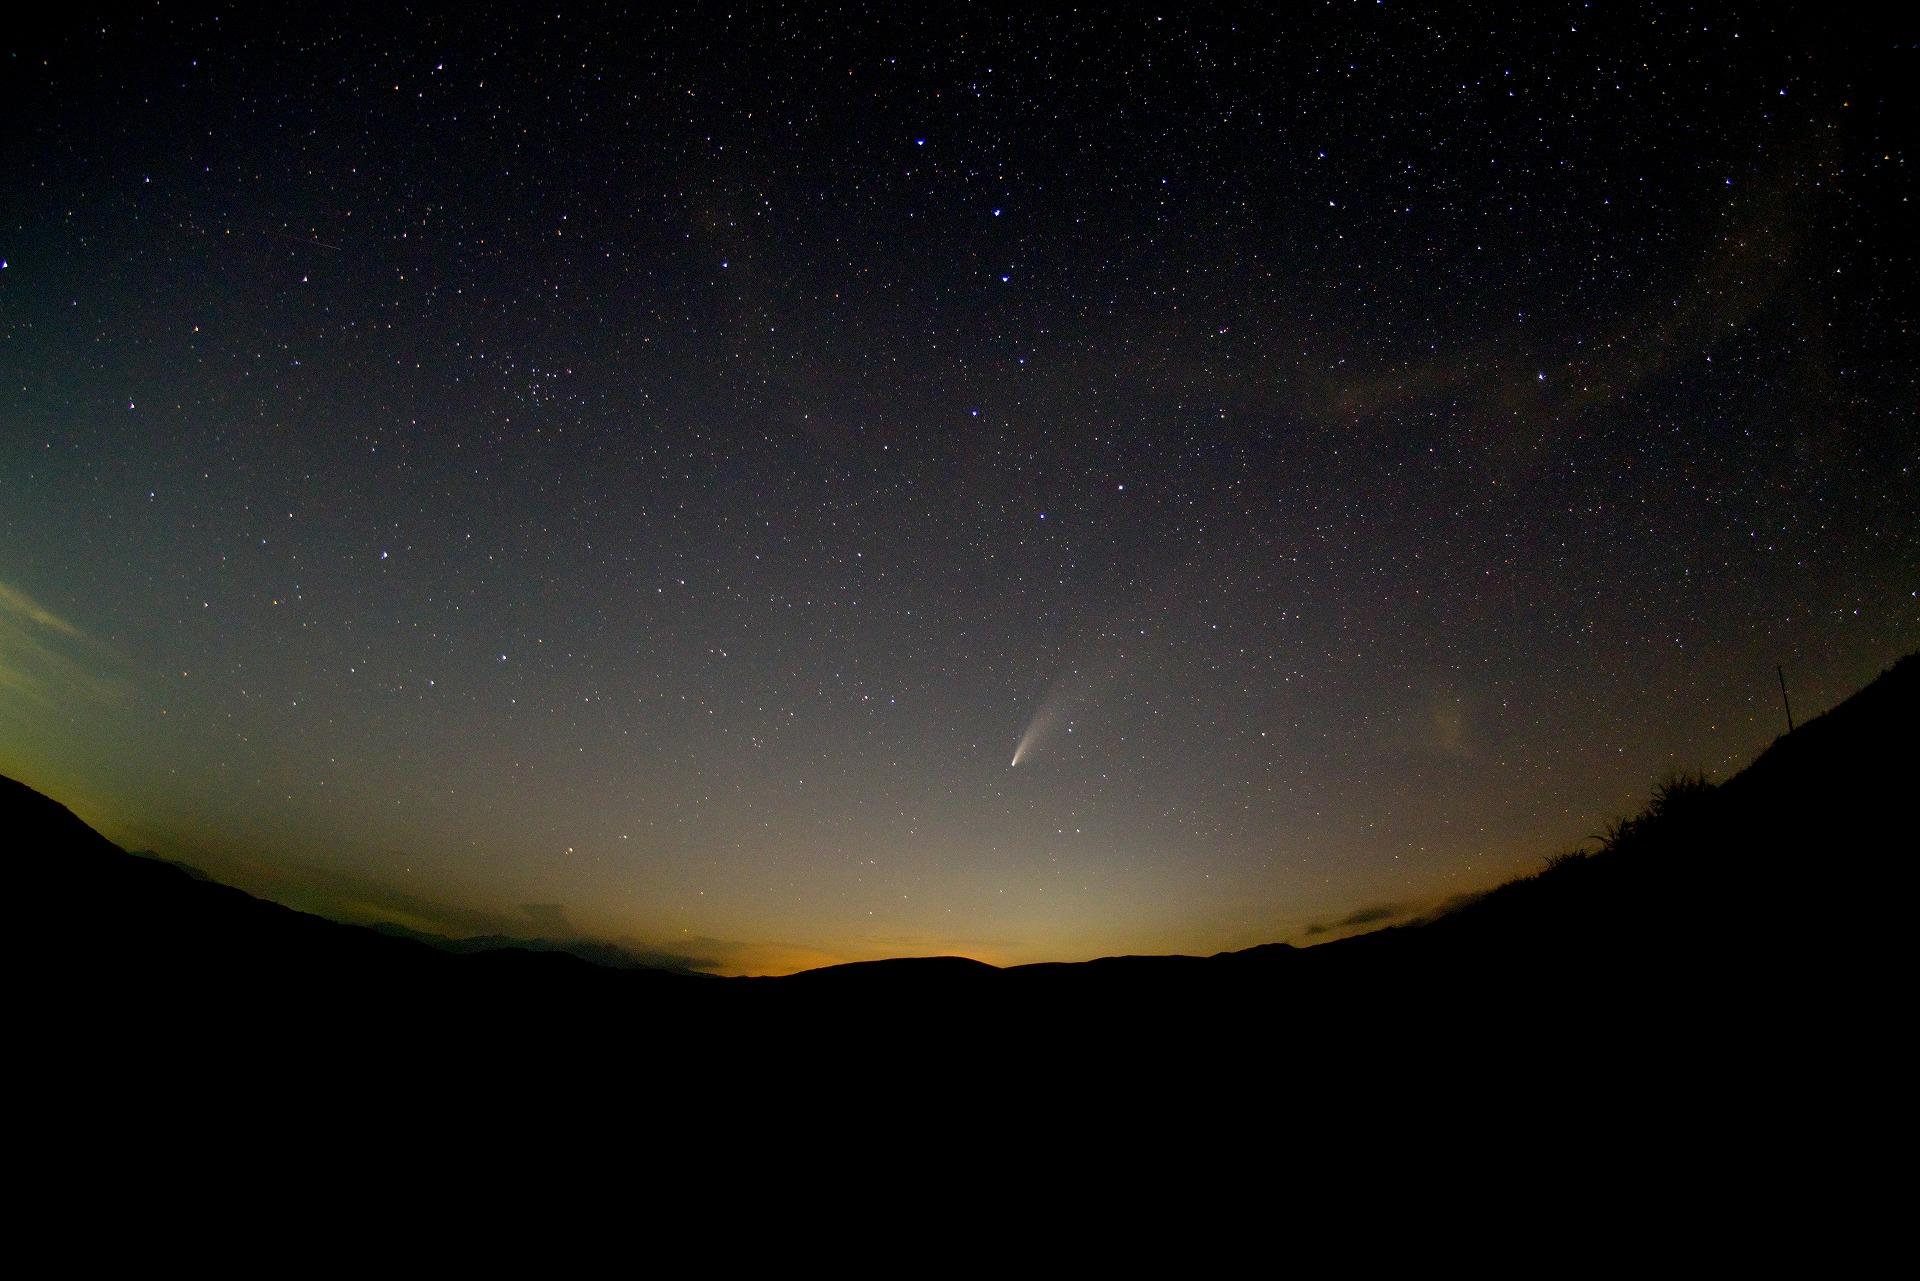 ネオワイズ彗星+北斗七星